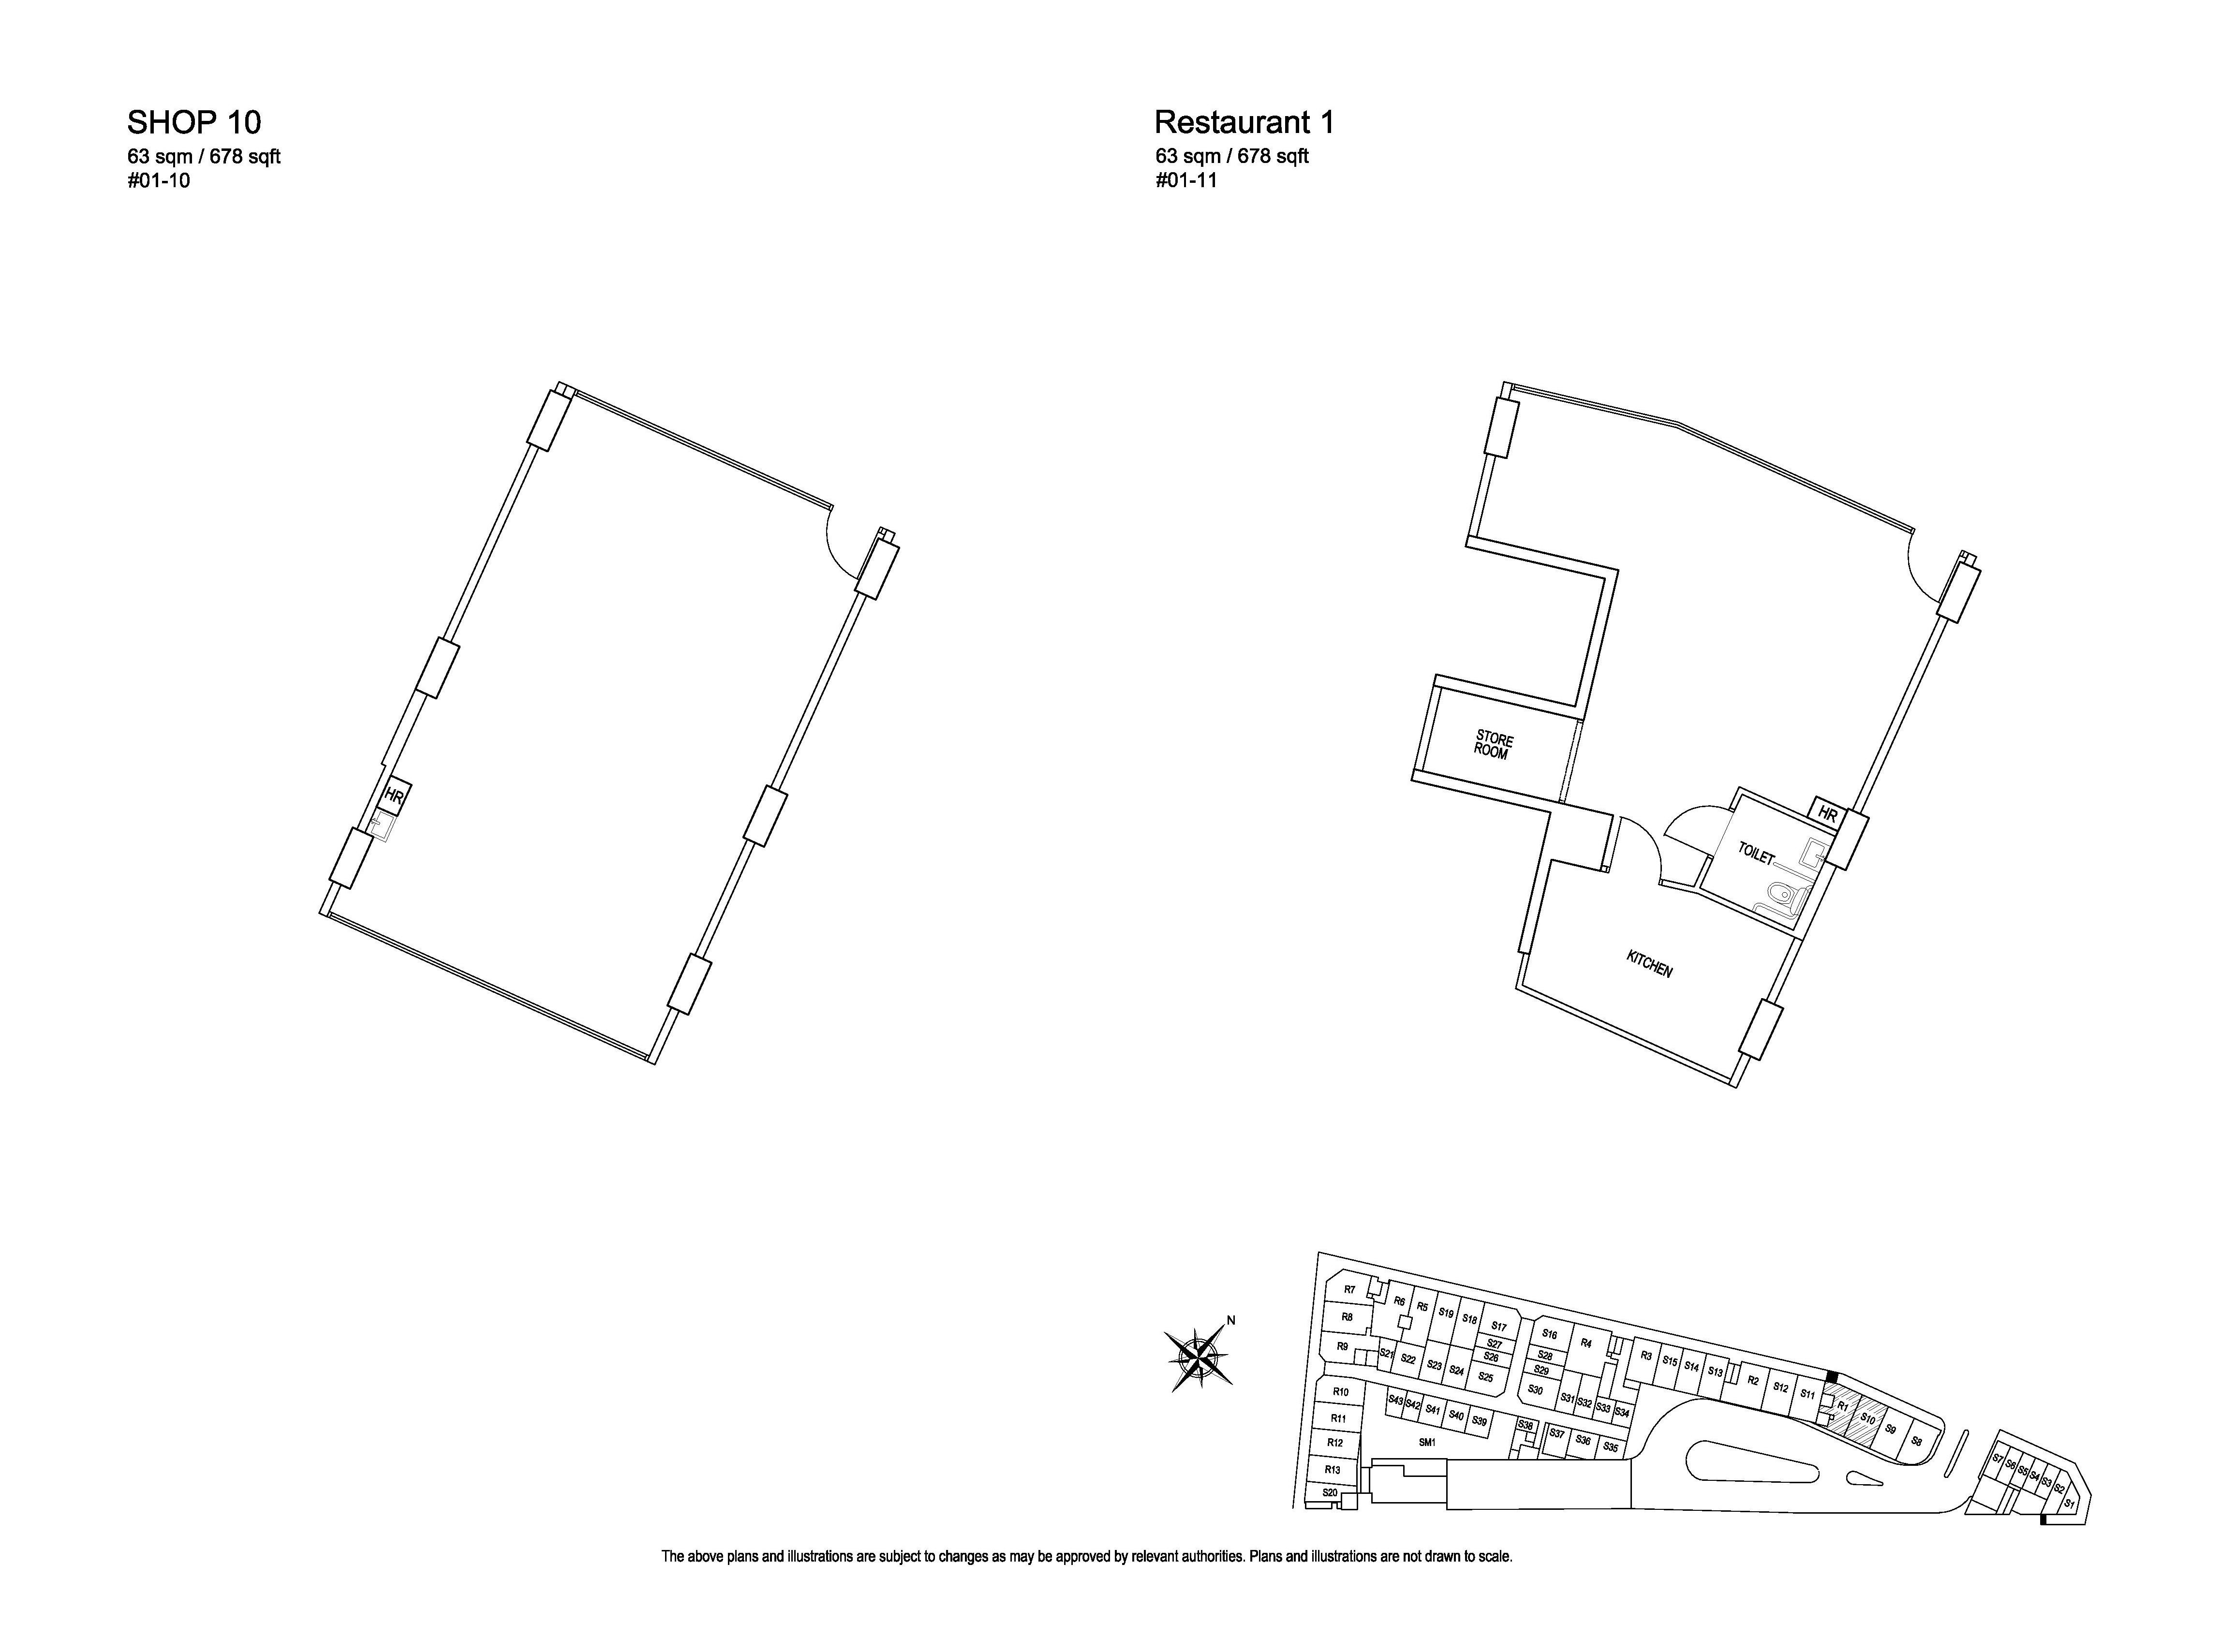 Kensington Square Retail Shop 10, Restaurant 1 Floor Plans